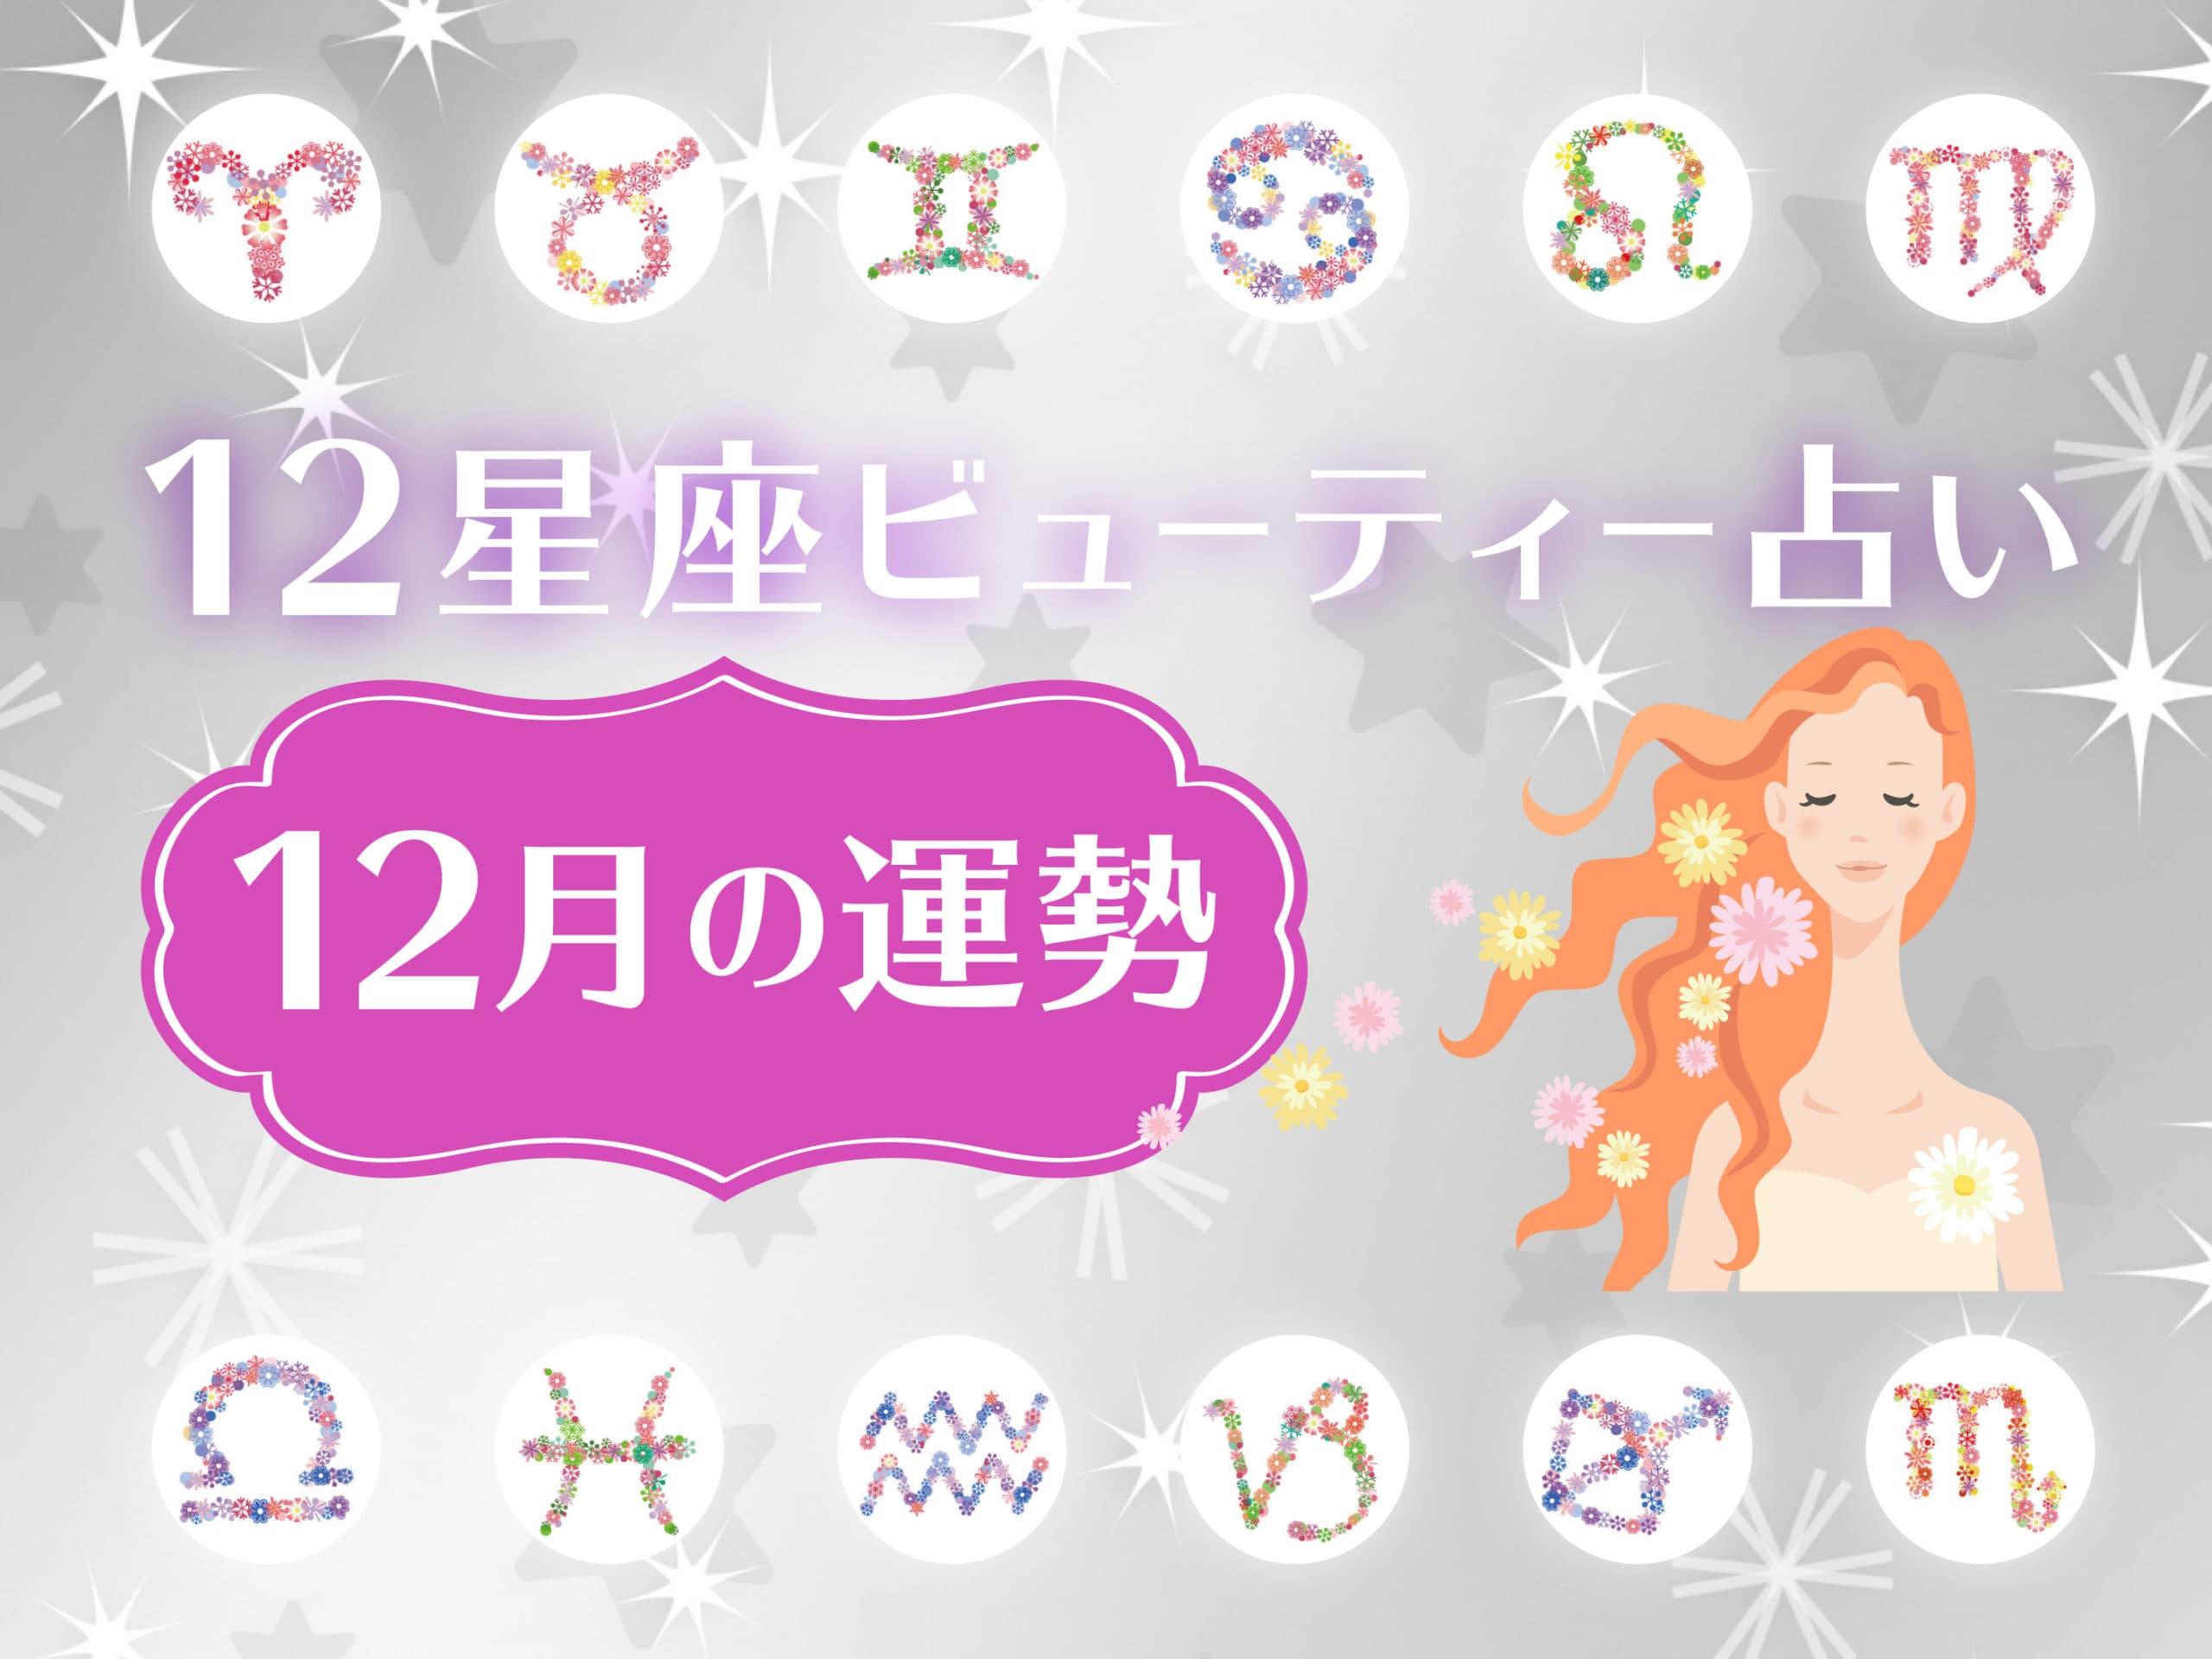 12星座ビューティー占い2020年12月運勢